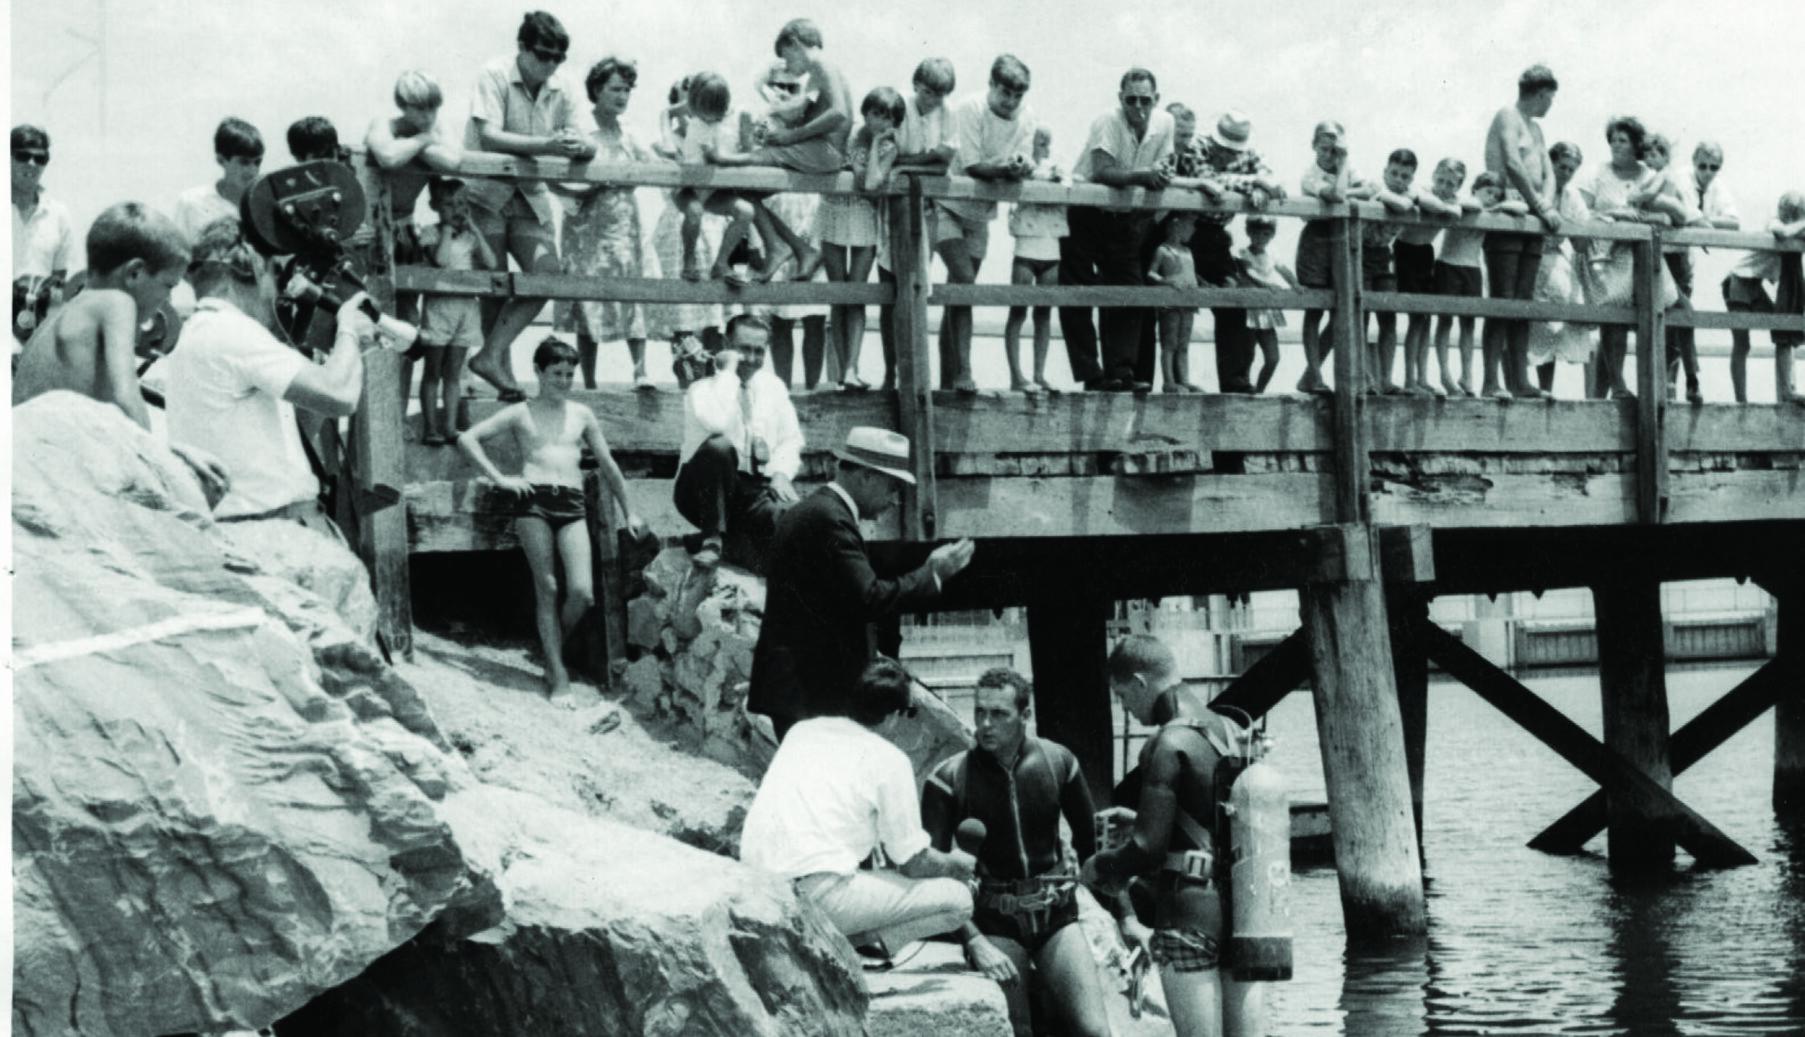 LETTE I ÅREVIS: Tilskuere ser på mens politiets dykkere søker i elvemunningen etter spor av Beaufort-barna.